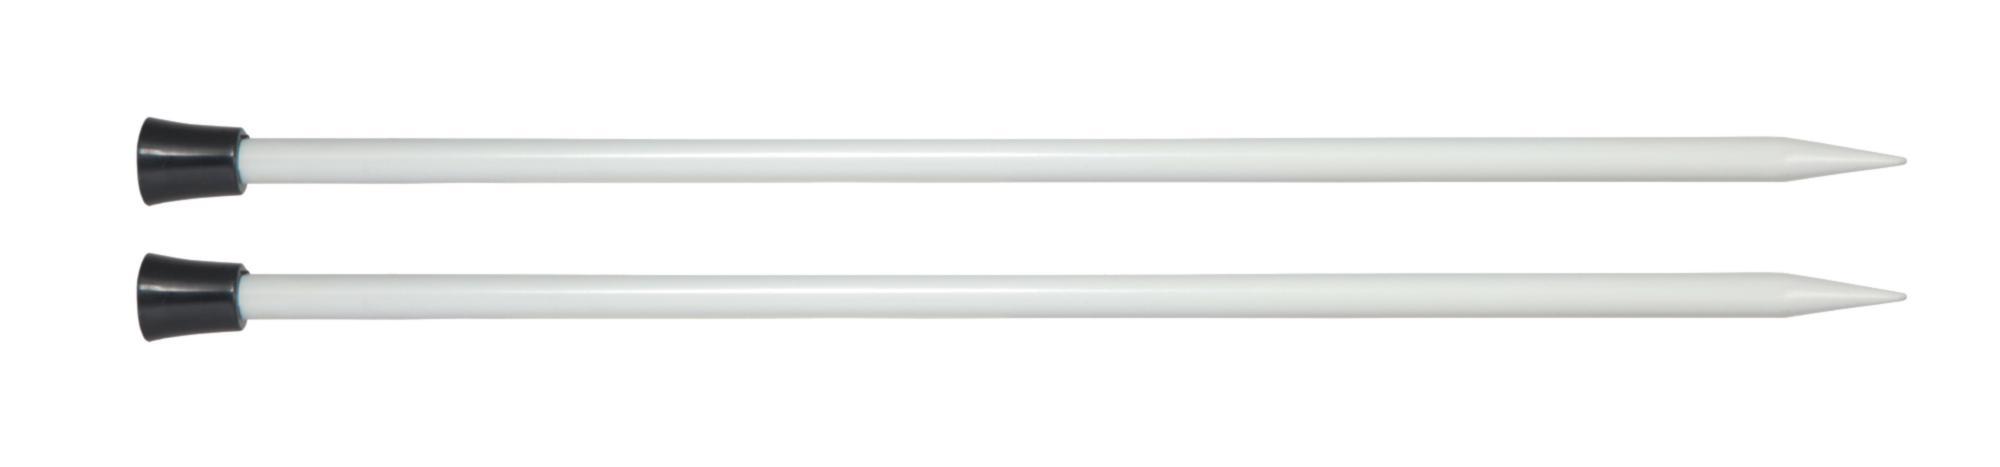 Спицы прямые 30 см Basix Aluminium KnitPro, 45248, 3.50 мм